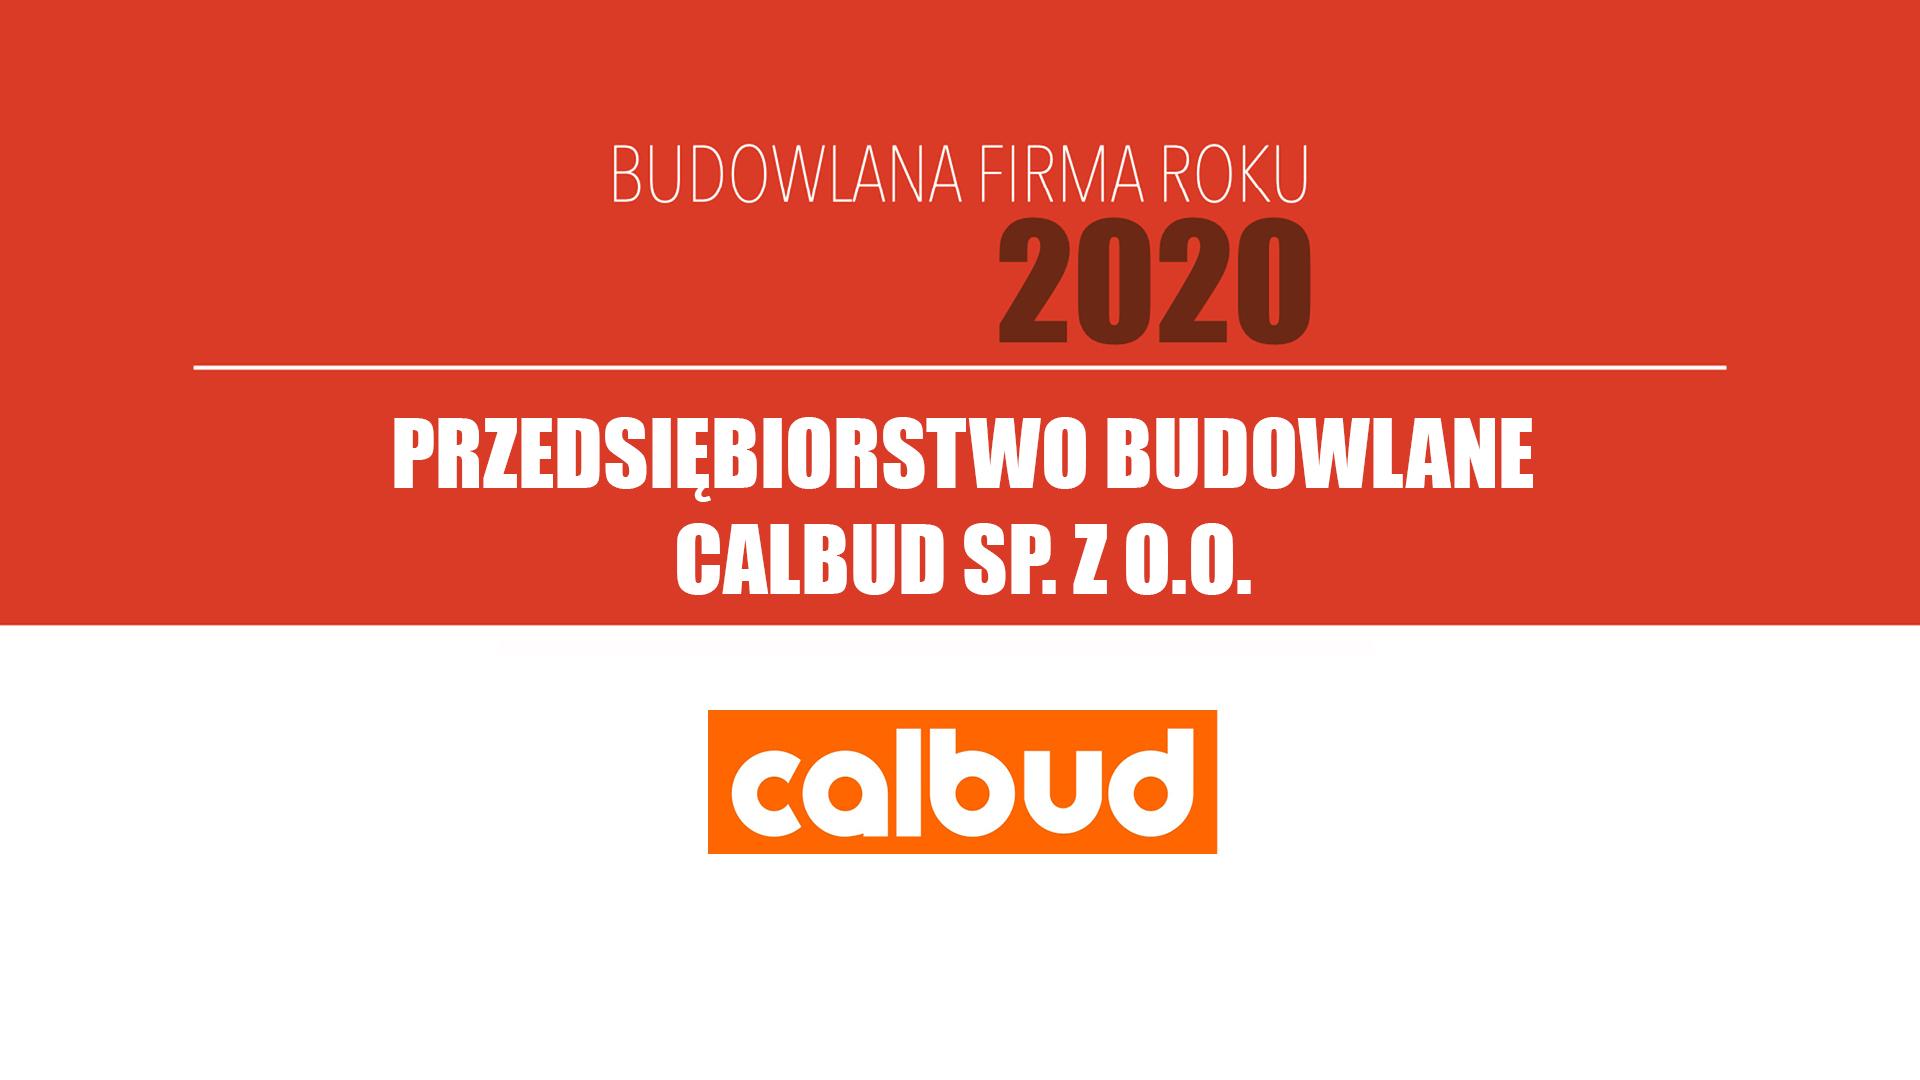 PRZEDSIĘBIORSTWO BUDOWLANE CALBUD SP. Z O.O. – Budowlana Firma Roku 2020